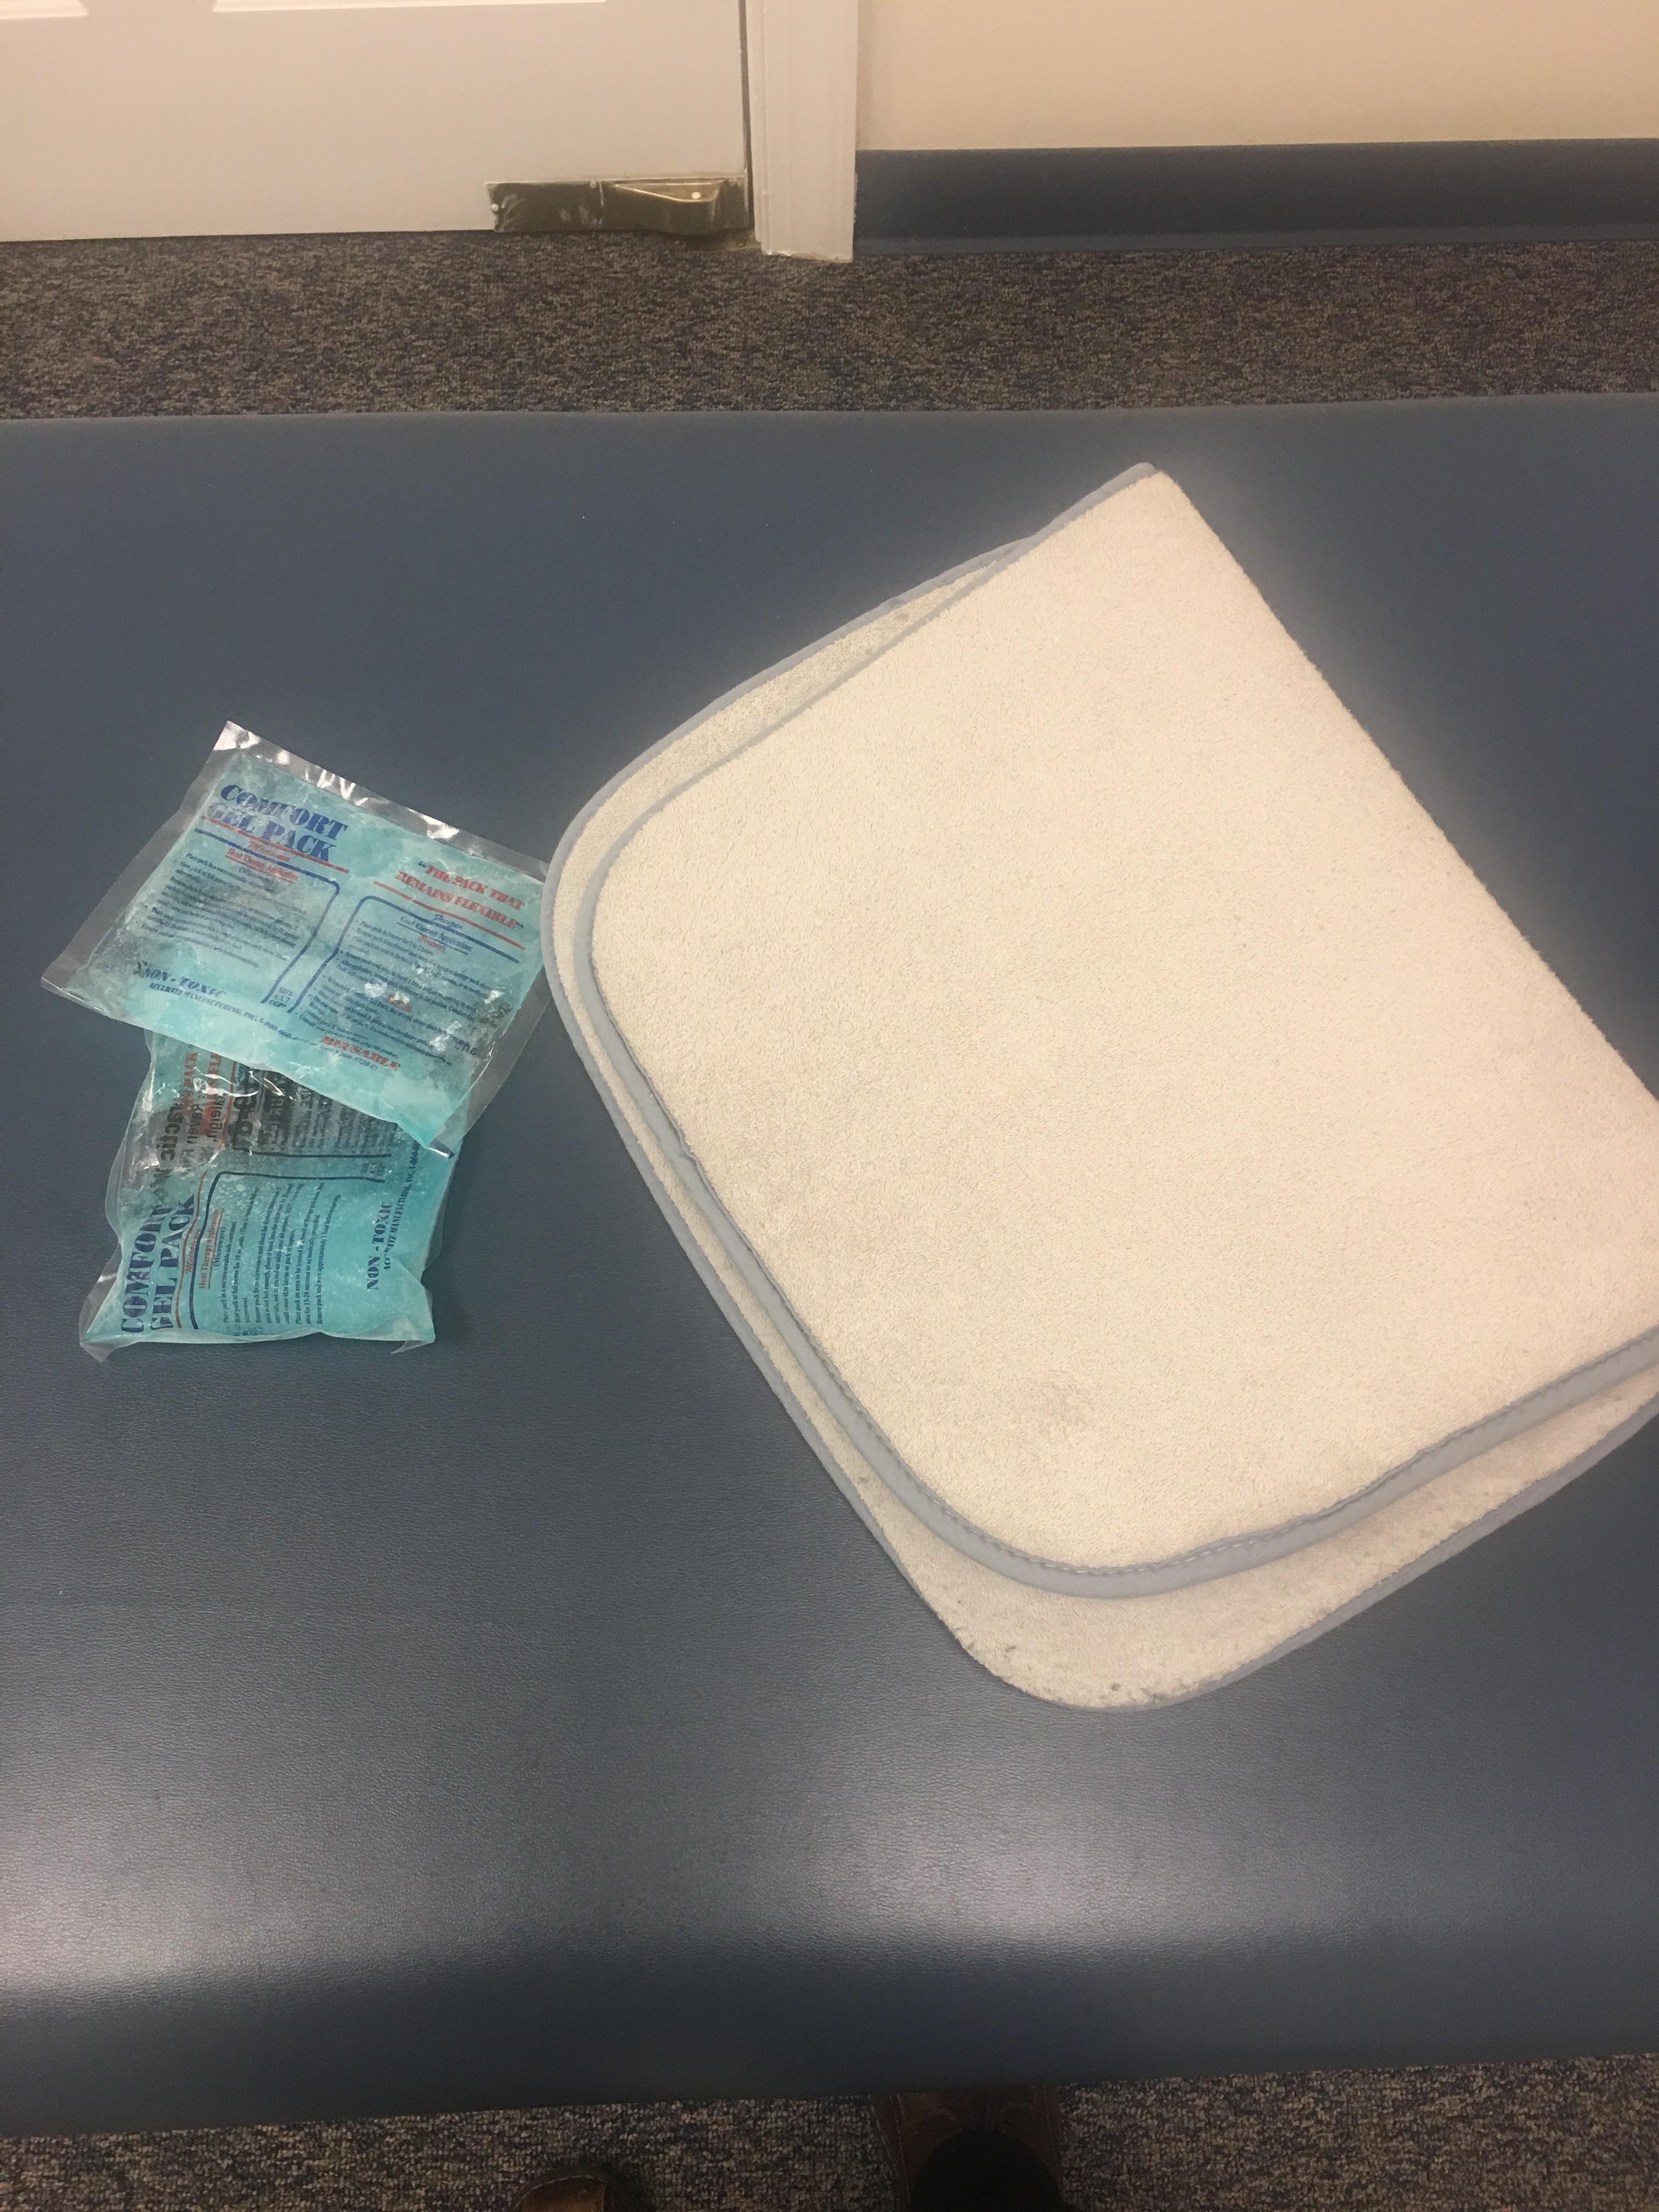 Iceheat1